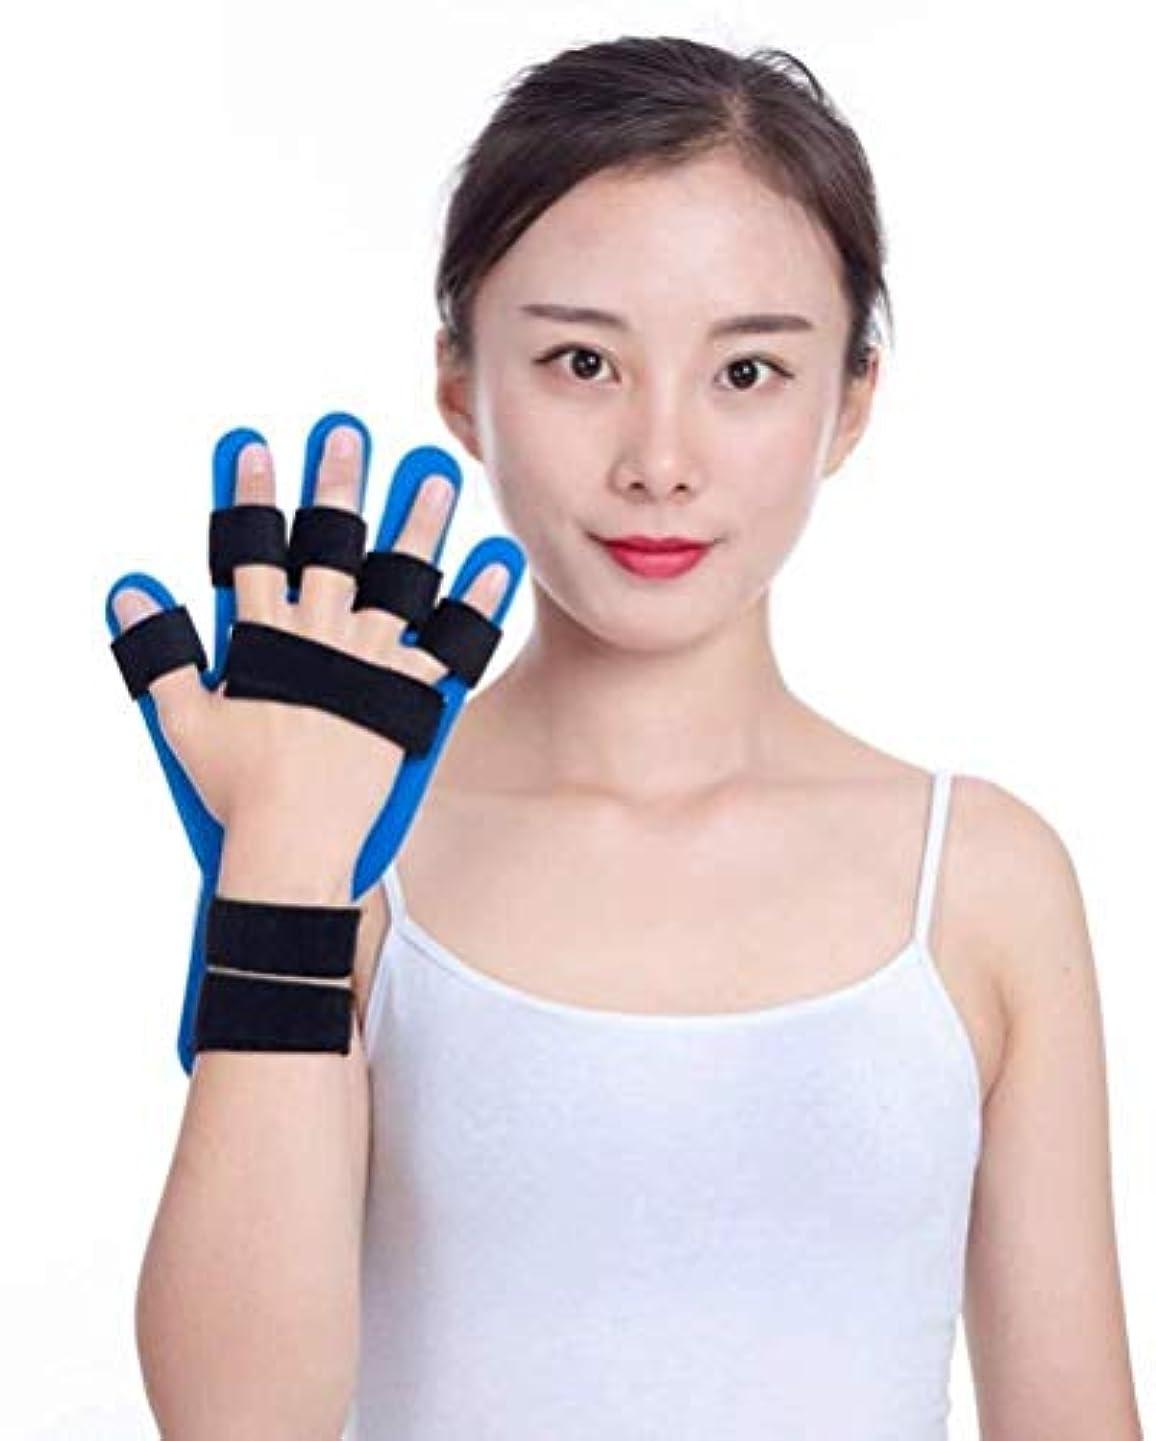 枯渇する超越する常識脳卒中/片麻痺/外傷性脳損傷のためのスプリントブレースの手の手首のトレーニング装具の脳卒中リハビリテーション機器を指